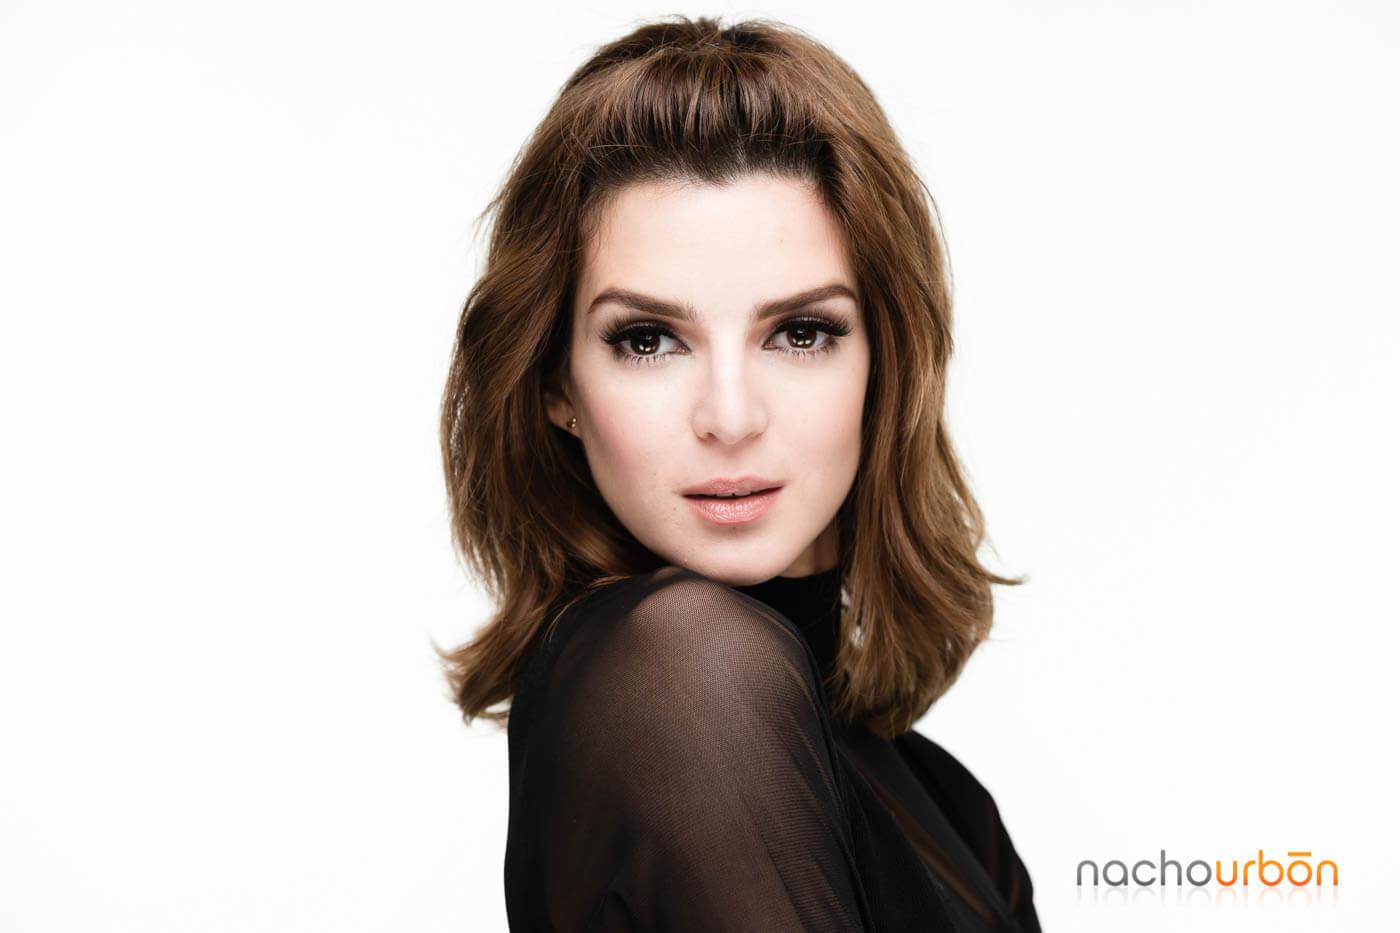 fotografia-profesional-Publicidad-Mujer-especialista-belleza